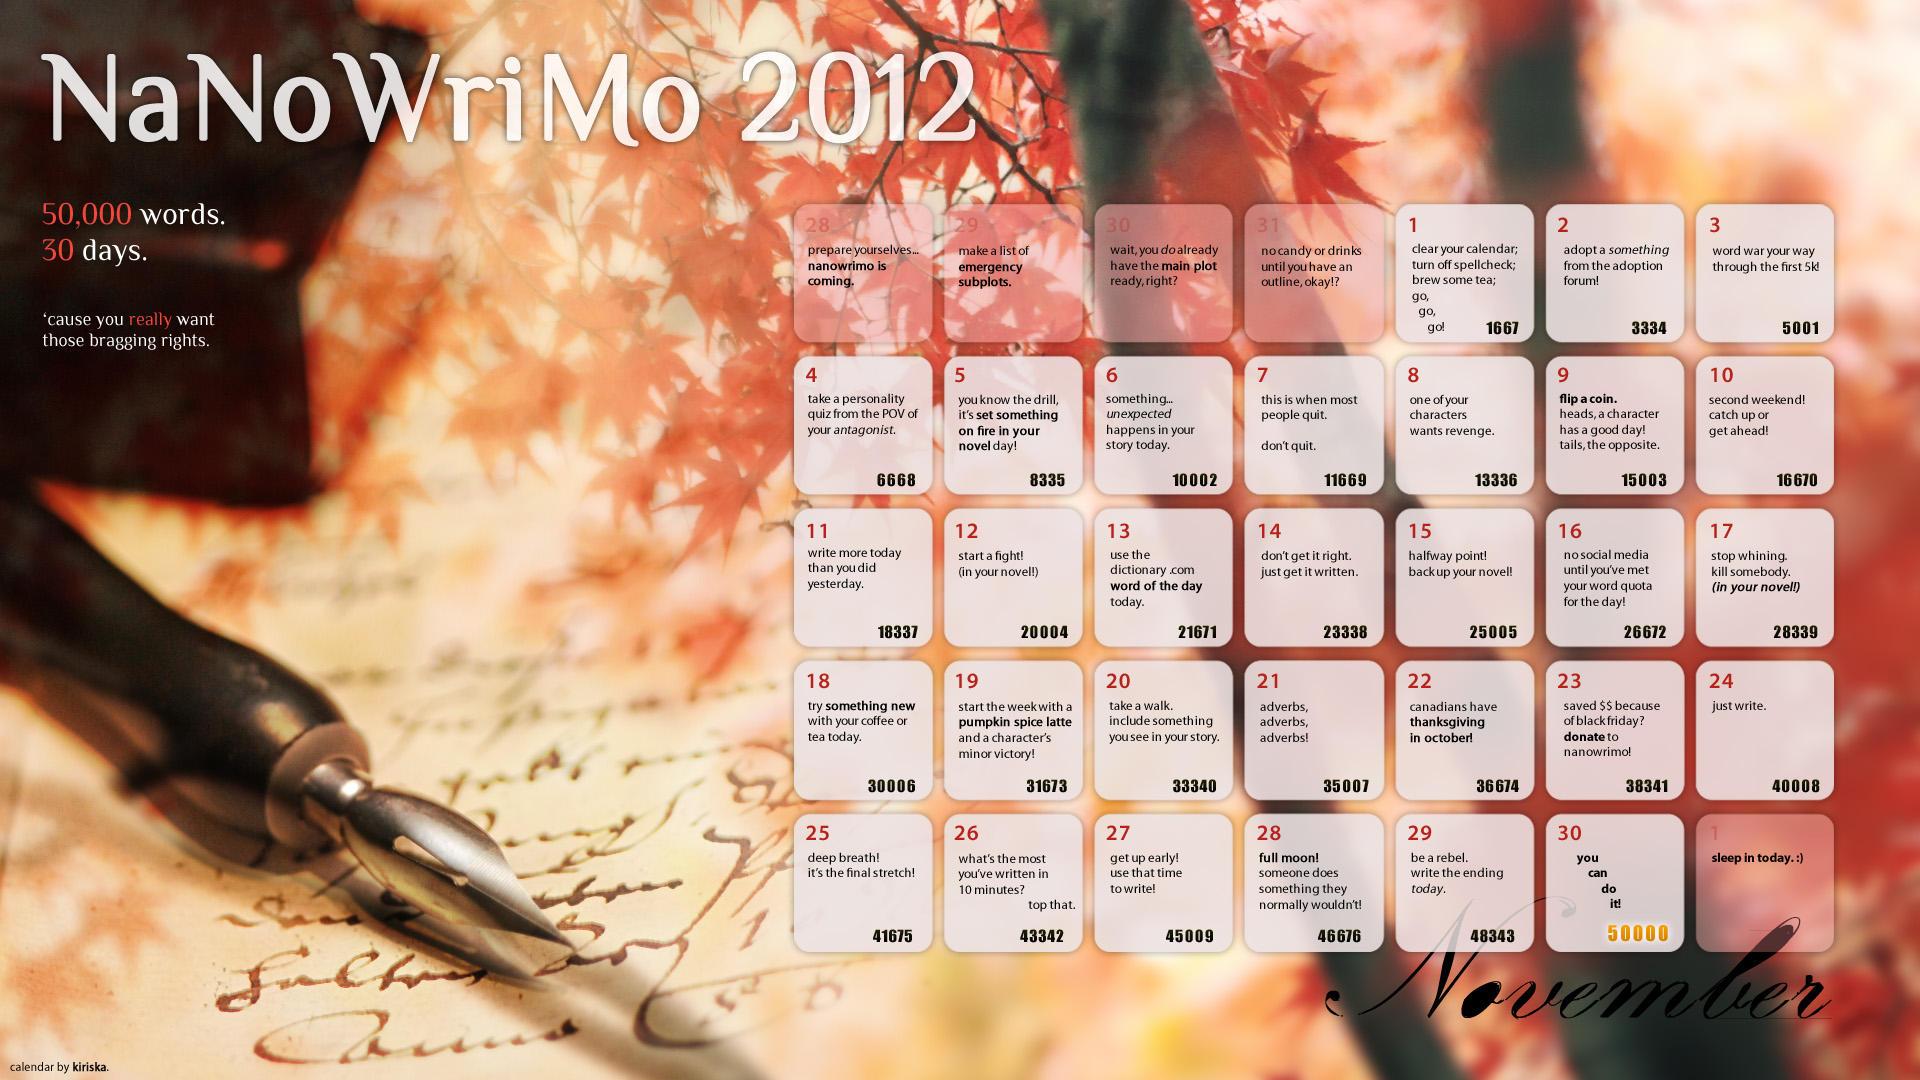 NaNoWriMo 2012 Calendar by Kiriska